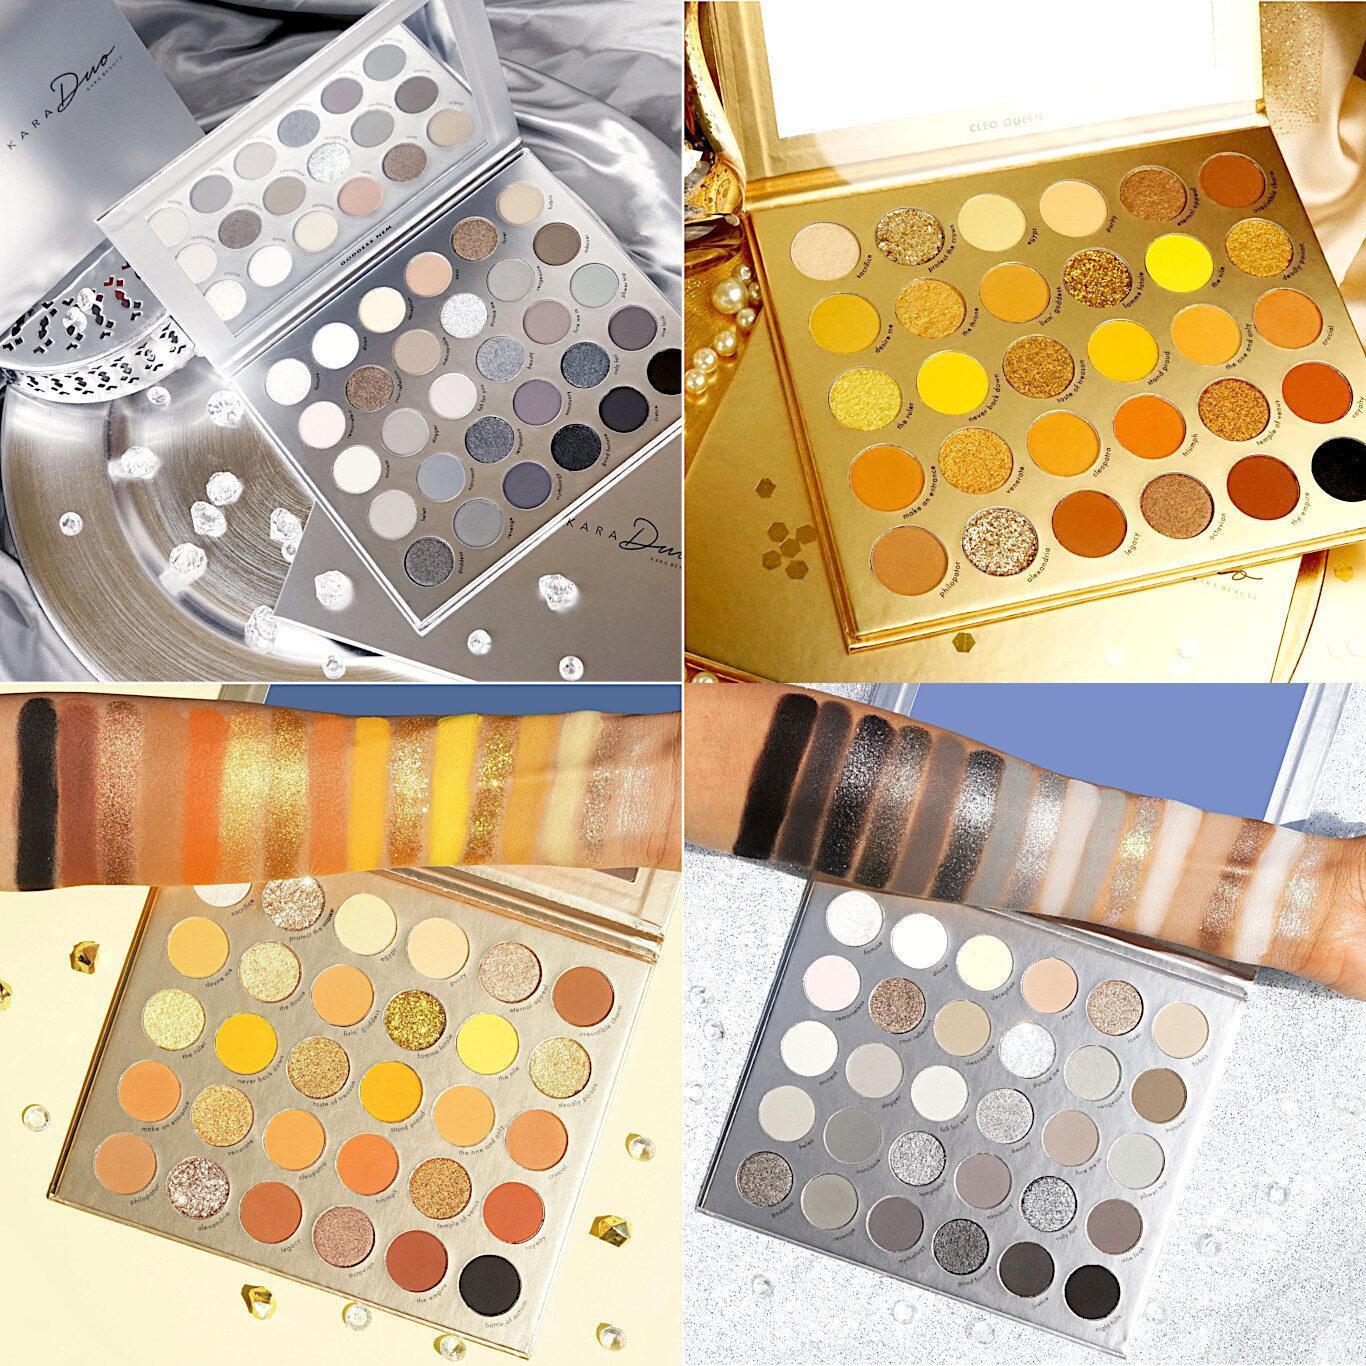 Kara Beauty Goddess Nem & Cleo Queen Shadow Palettes Post Cover